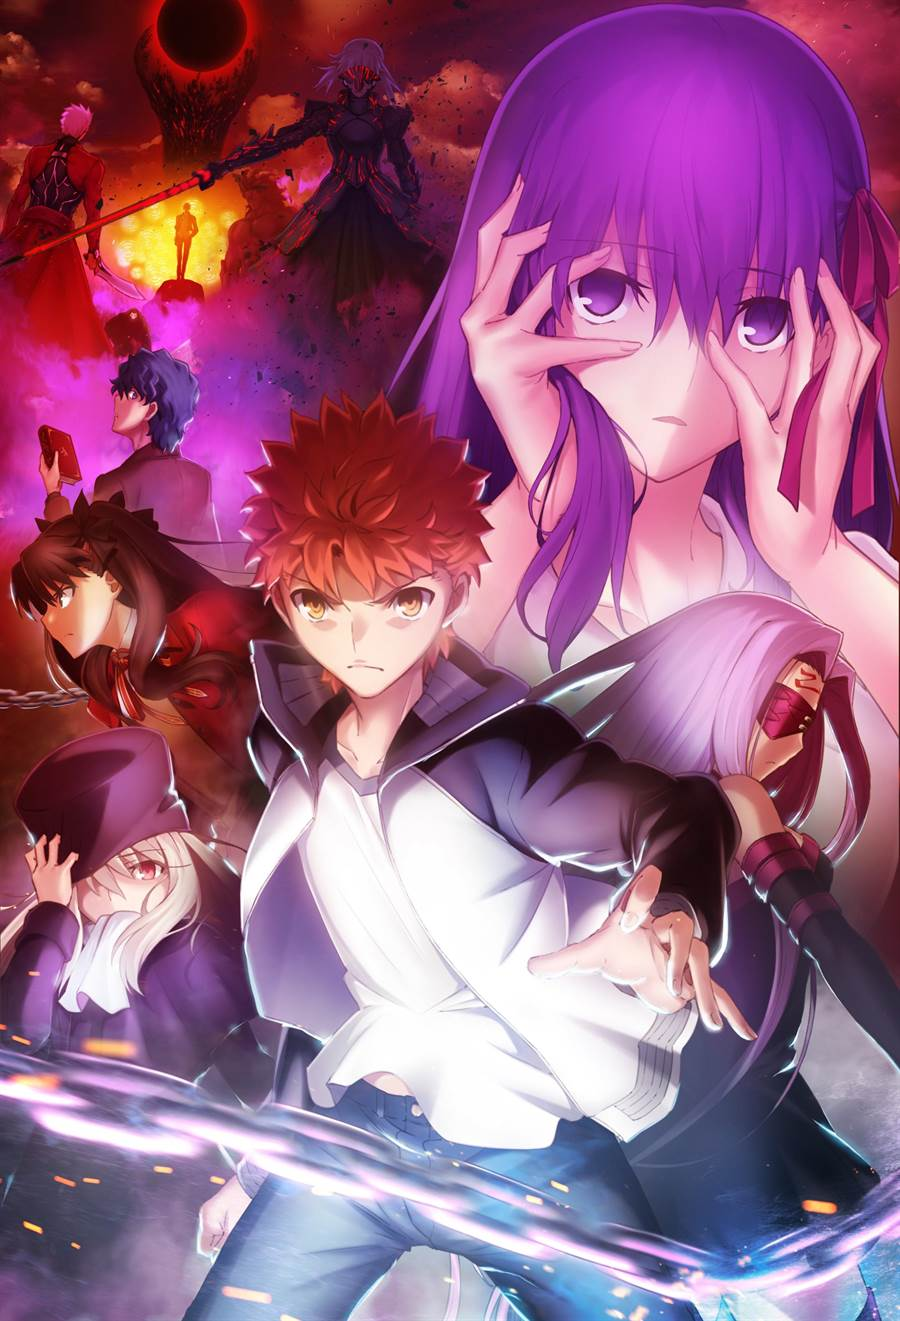 《Fate/staynight[Heaven'sFeel]II.迷途之蝶》宣傳海報。(曼迪提供)